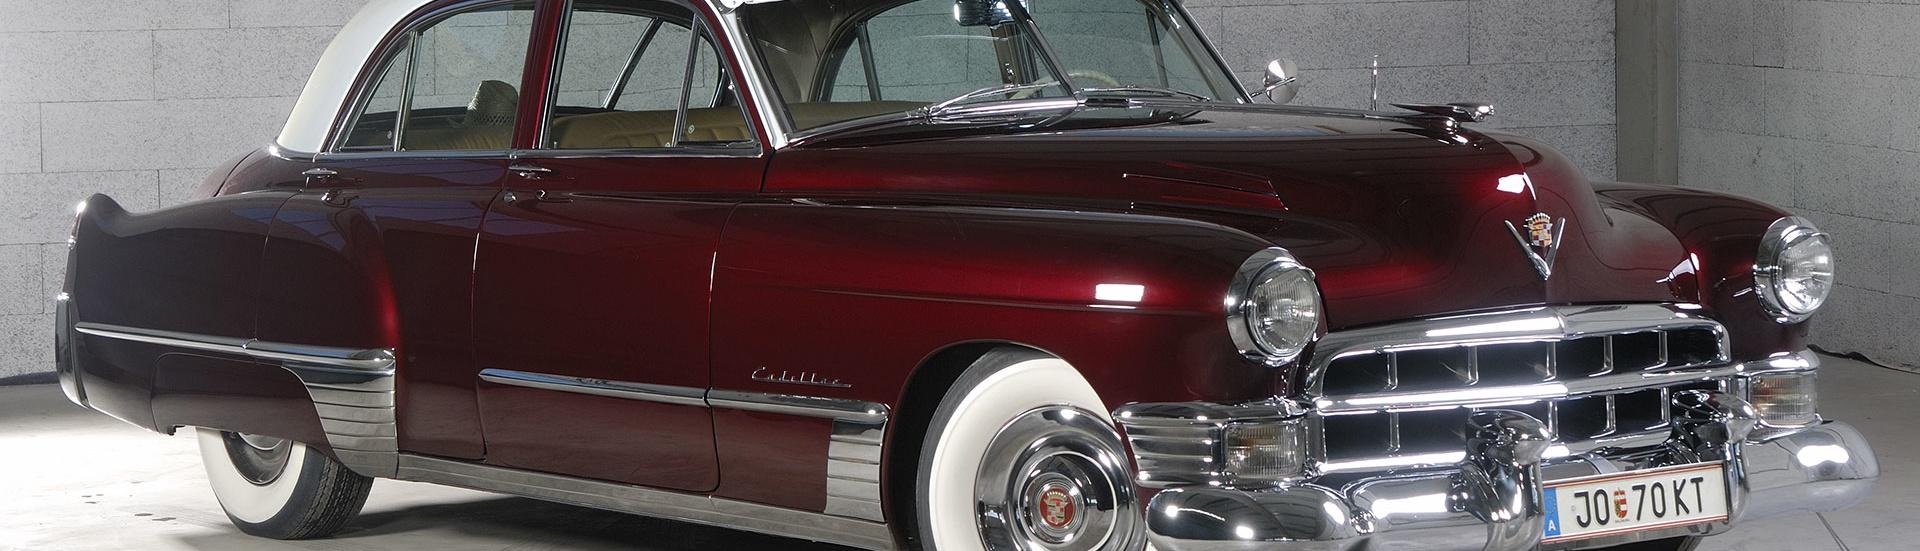 Cadillac Series 62 Sedan 1949, Oldtimer-Restauration im Kfz-Fachbetrieb Preussler in Radstadt, Österreich